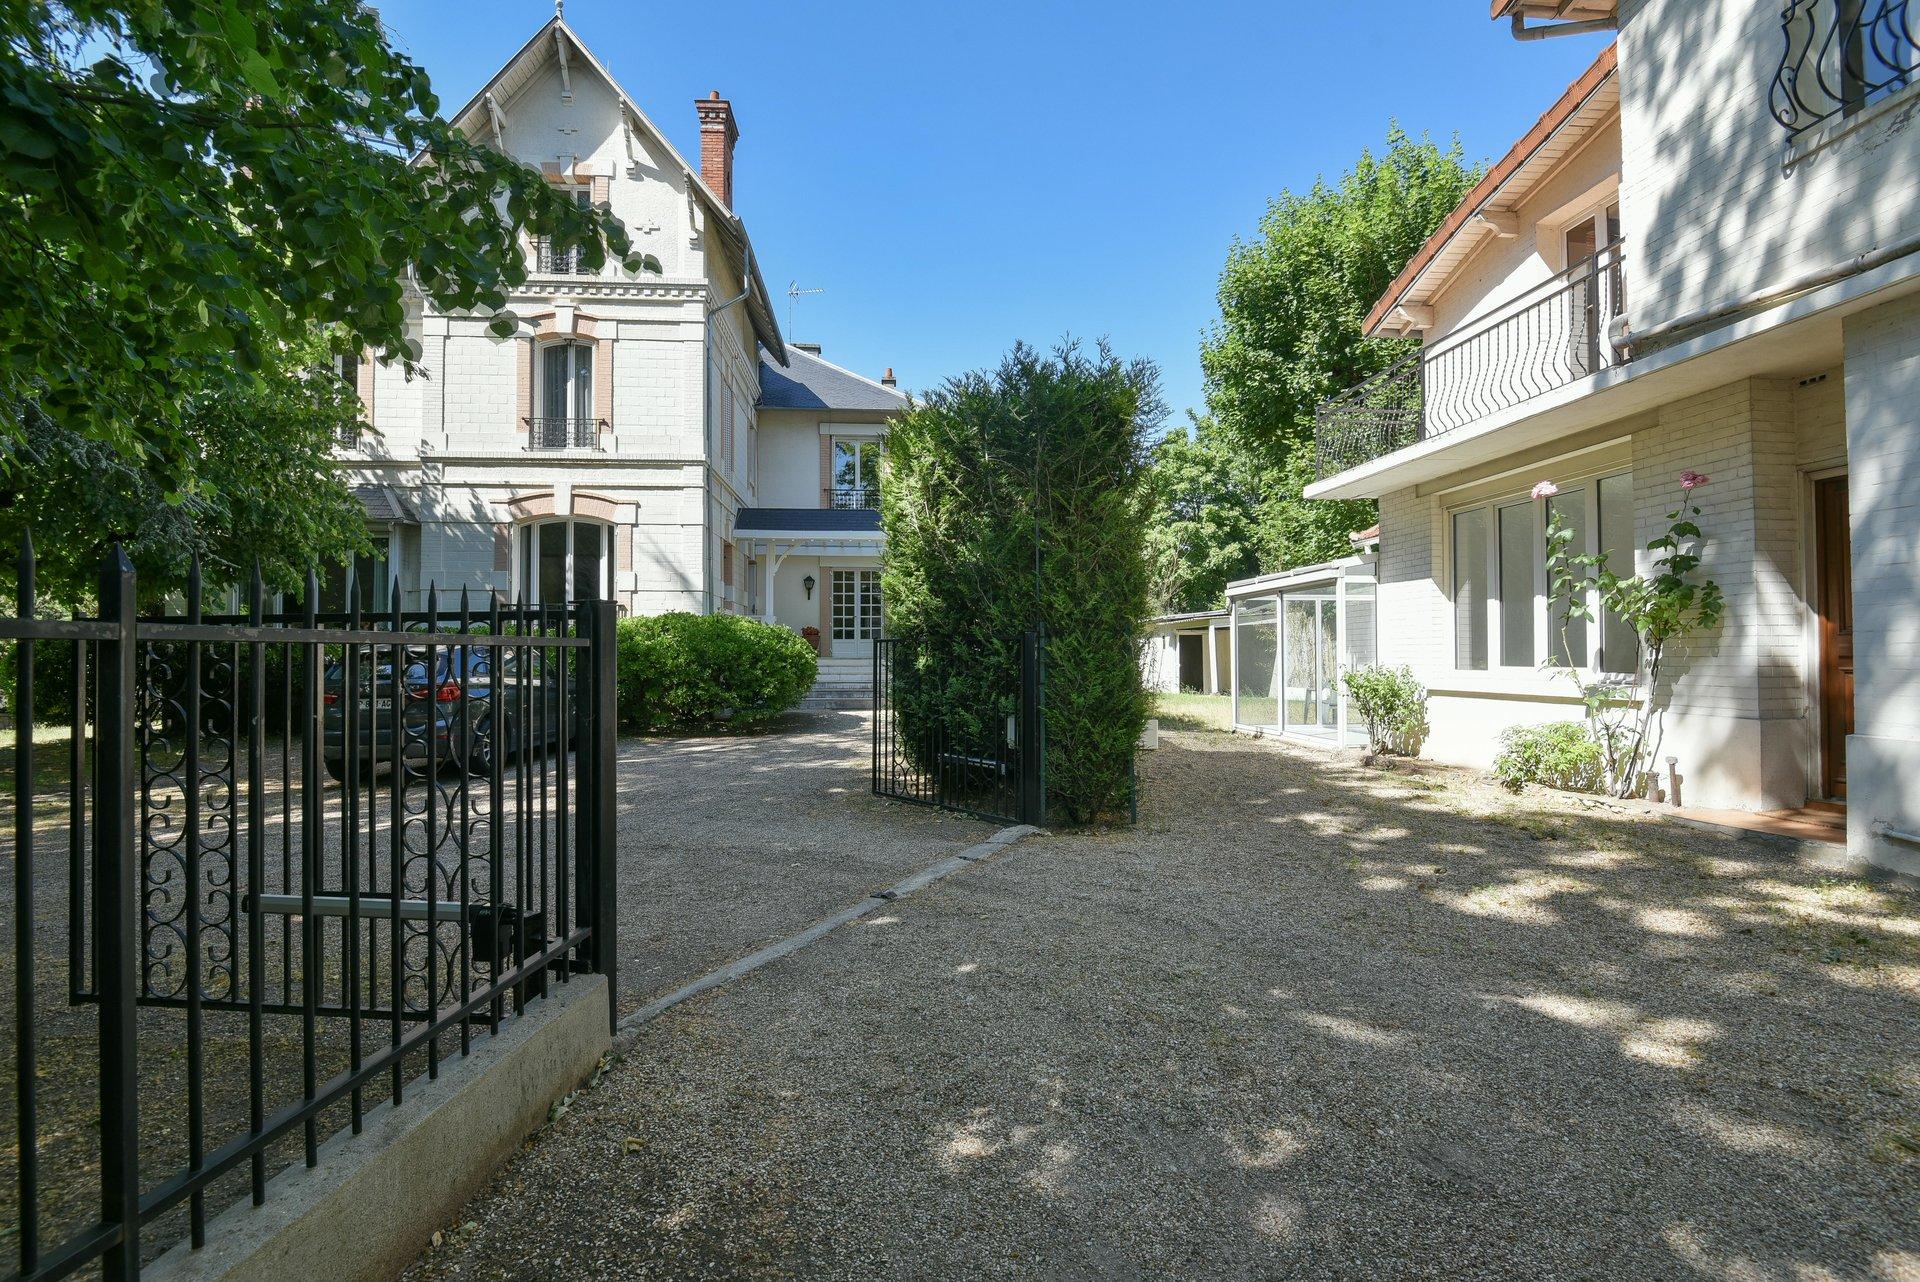 PROPRIETE - 416 m² - LE VESINET - 78110